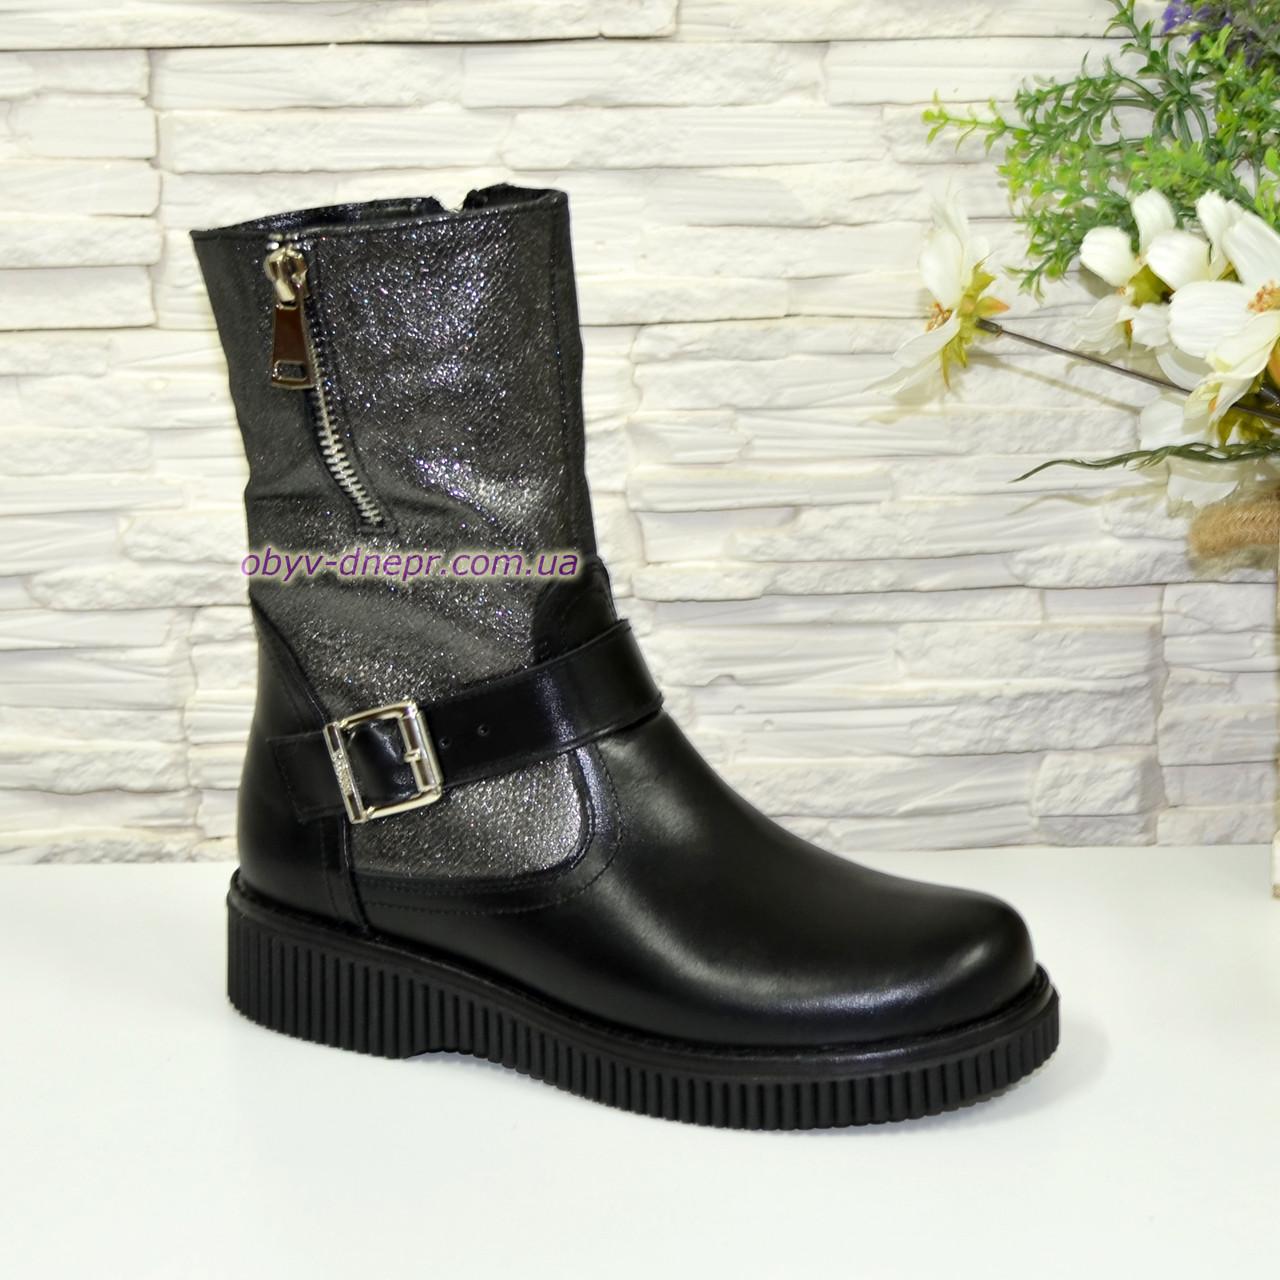 Ботинки кожаные подростковые для девочек на утолщённой подошве